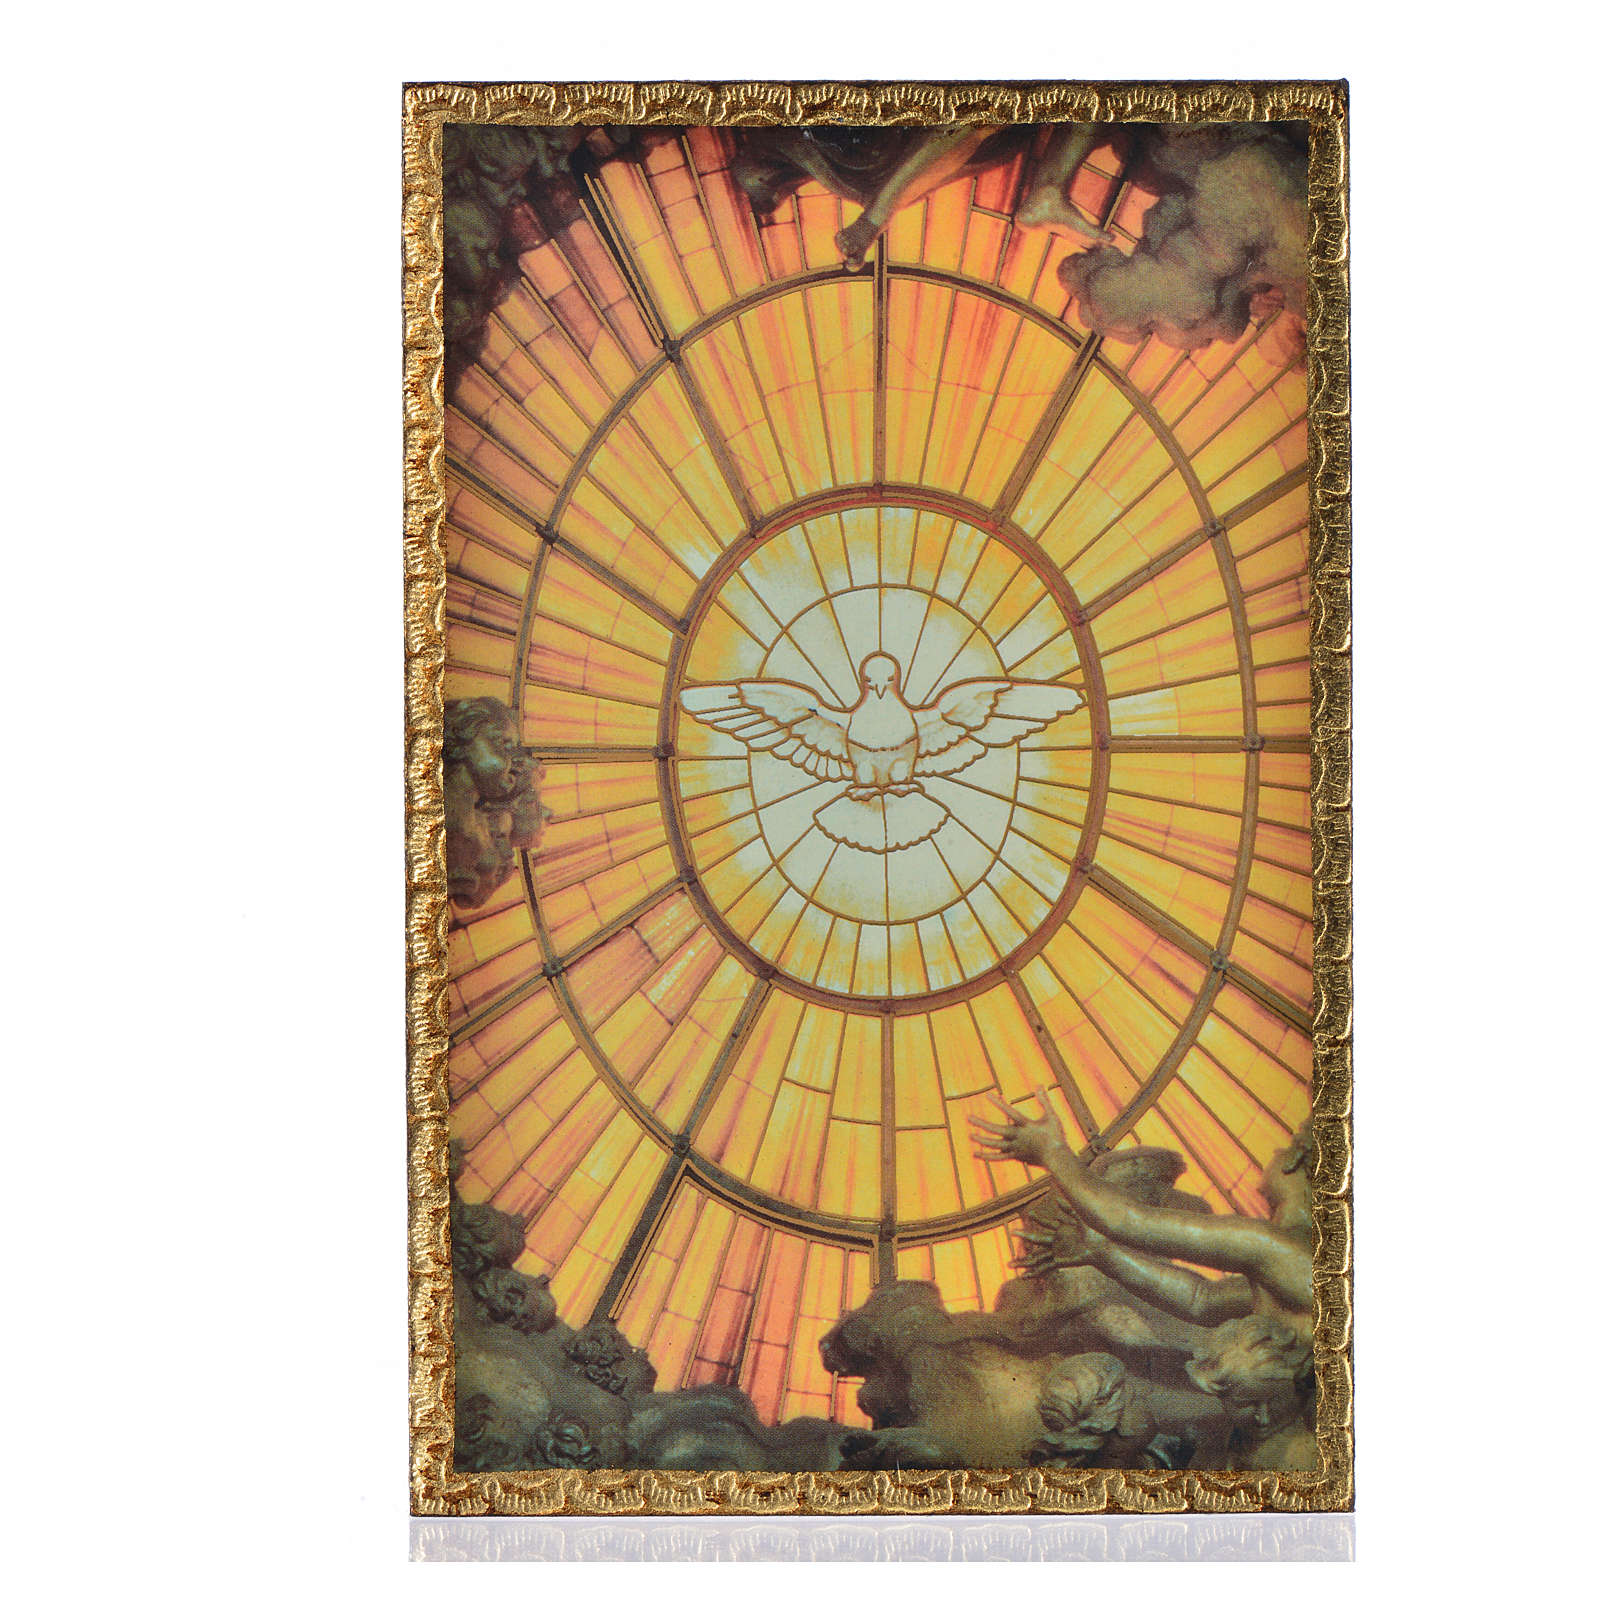 Stampa su legno Spirito Santo 3